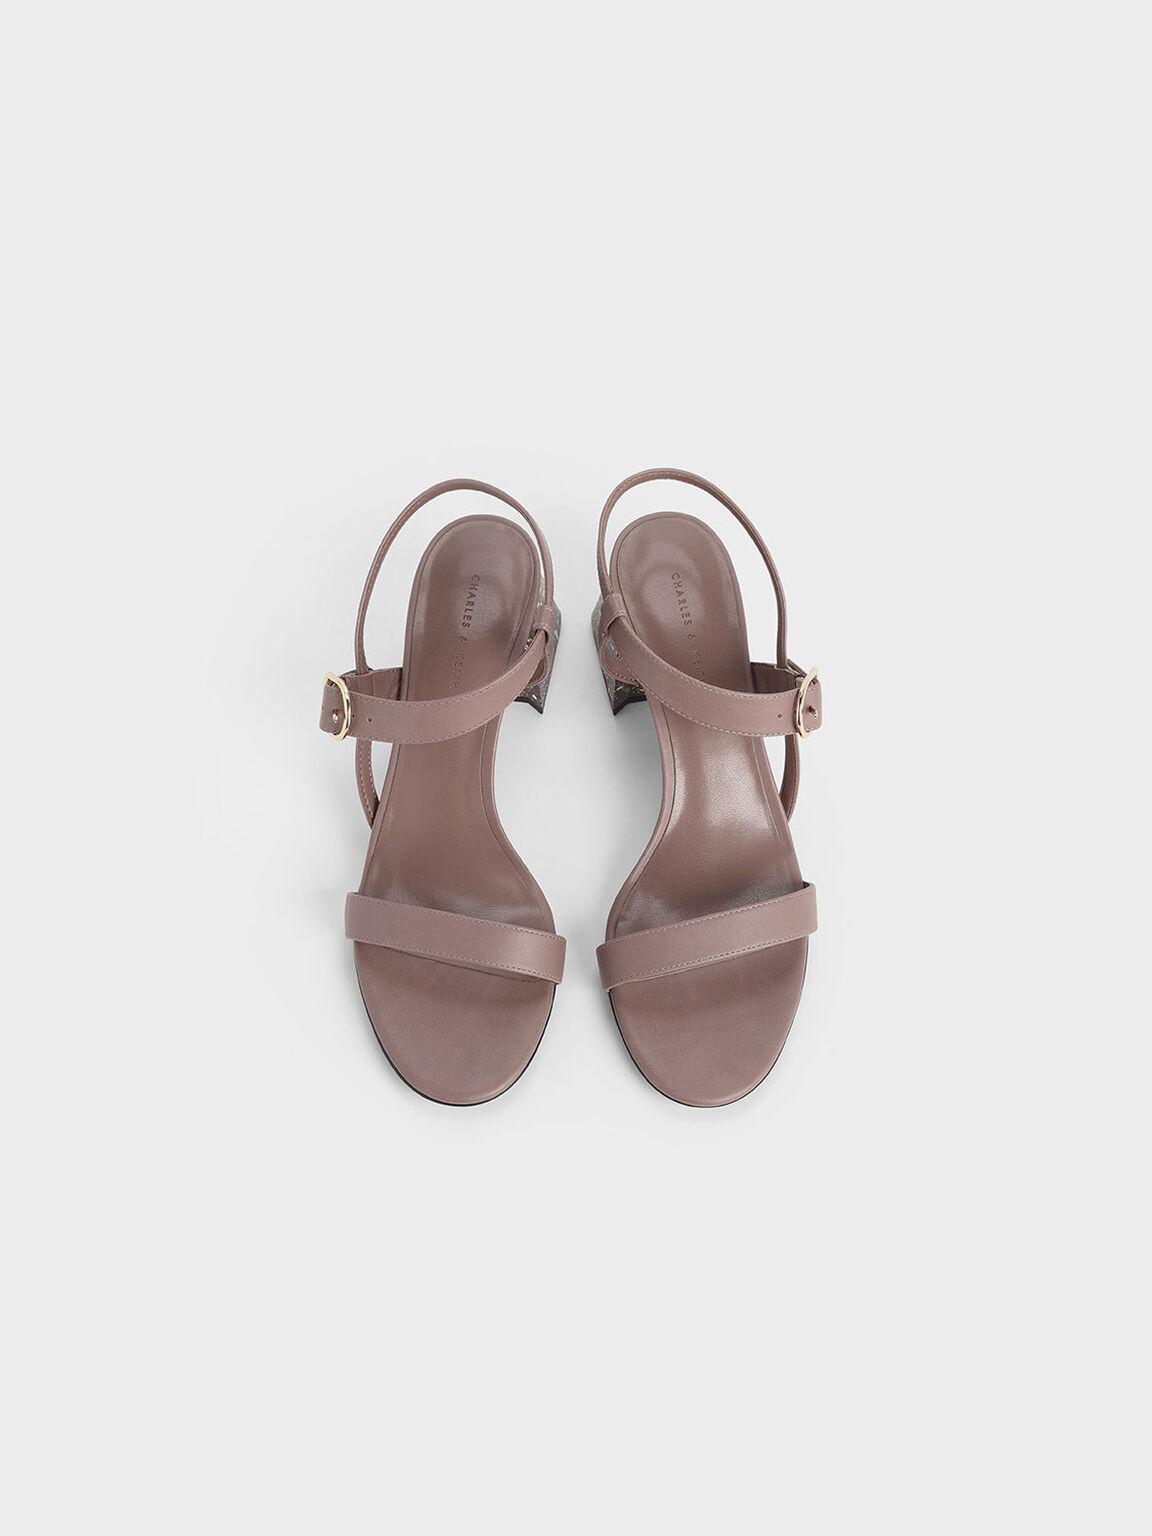 Terrazzo Print Flare Block Heel Sandals, Pink, hi-res